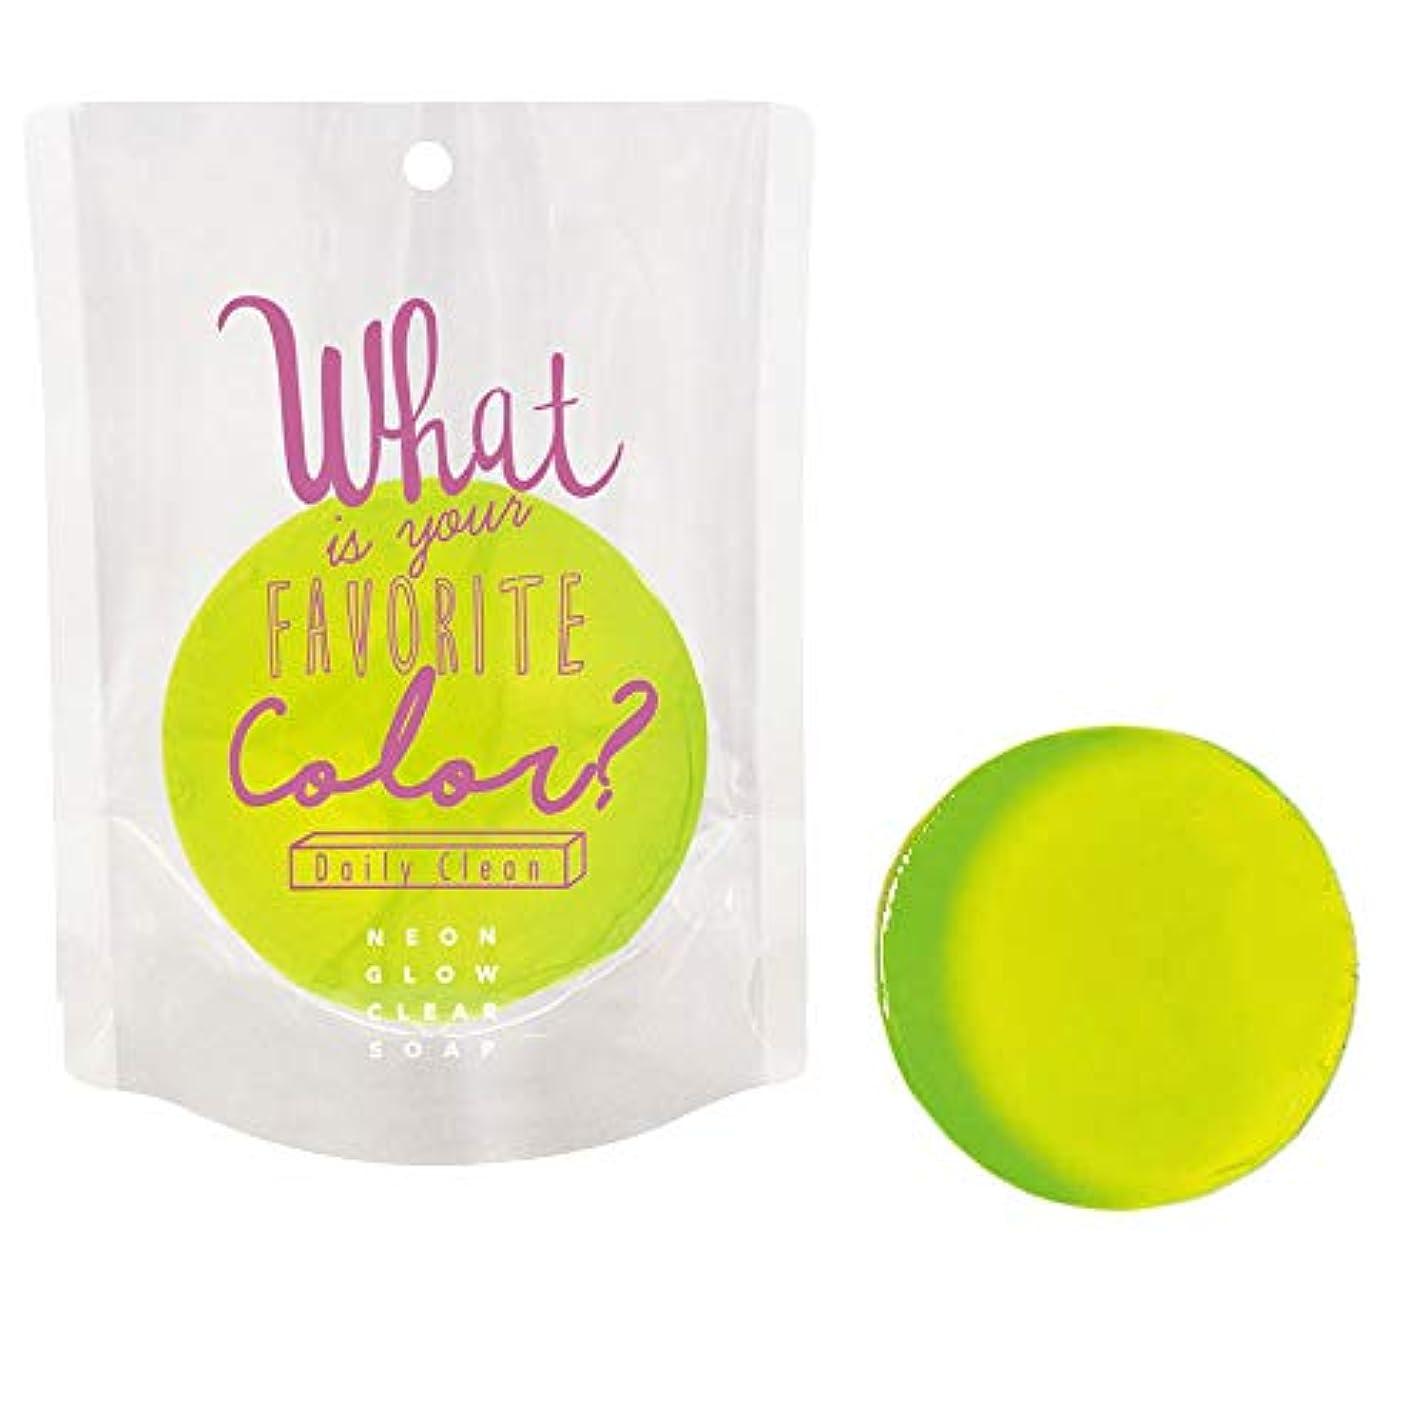 腕安らぎワットネオングロークリアソープ ob-ngw-2-1-4(02/パパイヤ) Neon Glow Clear Soap 石鹸 ノルコーポレーション 固形 せっけん カラフル 香り 清潔 ギフト プレゼント